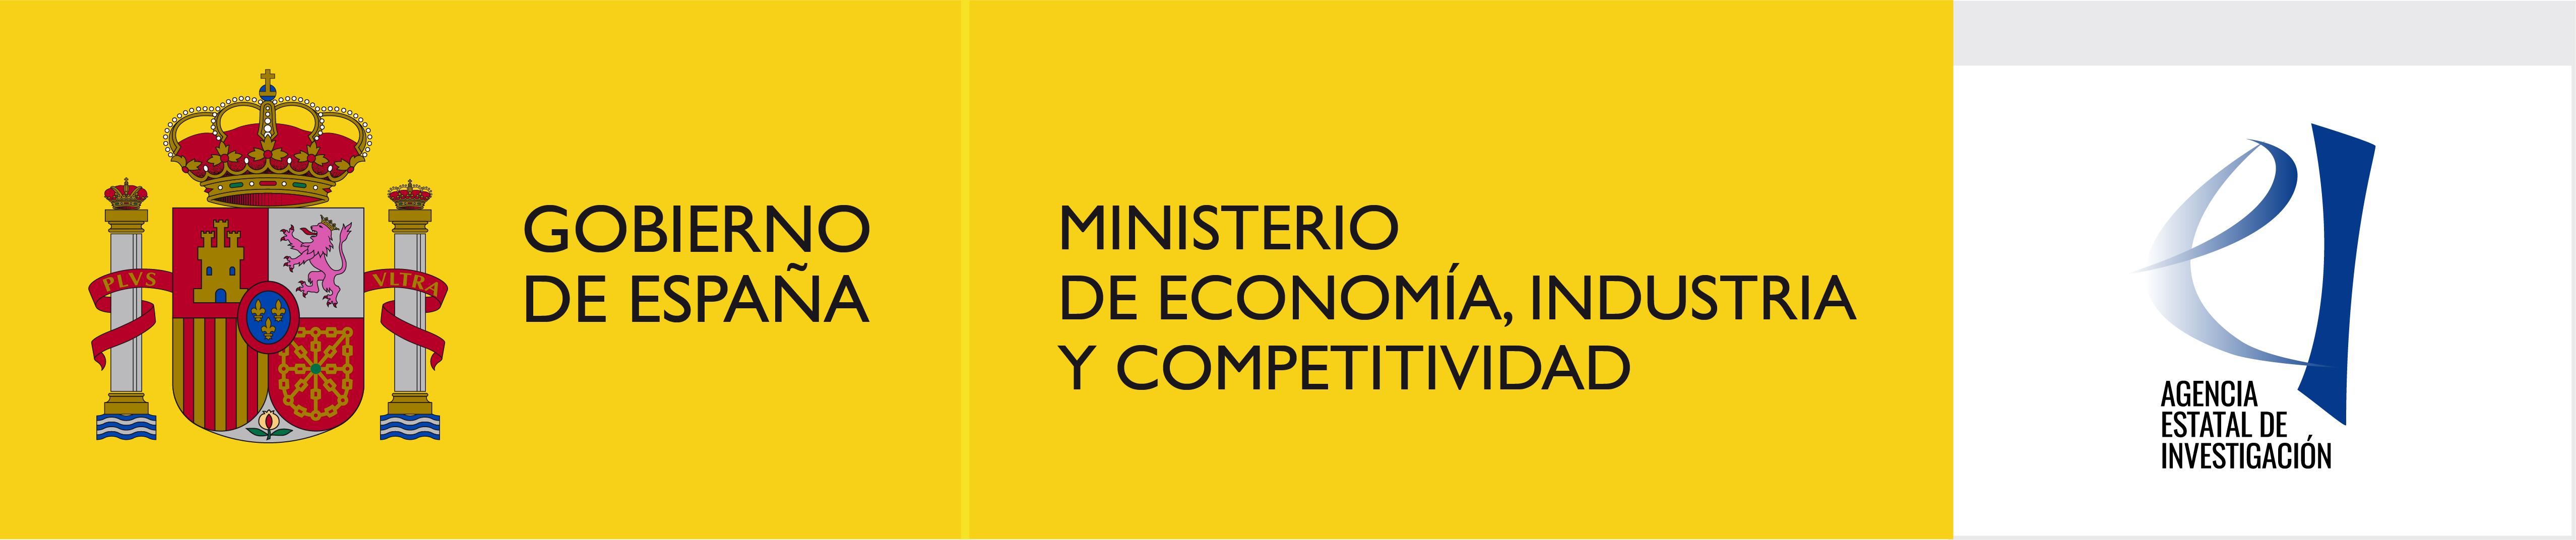 Confirmada la subvención del Ministerio de Economía y Competitividad para FOTOPLAT